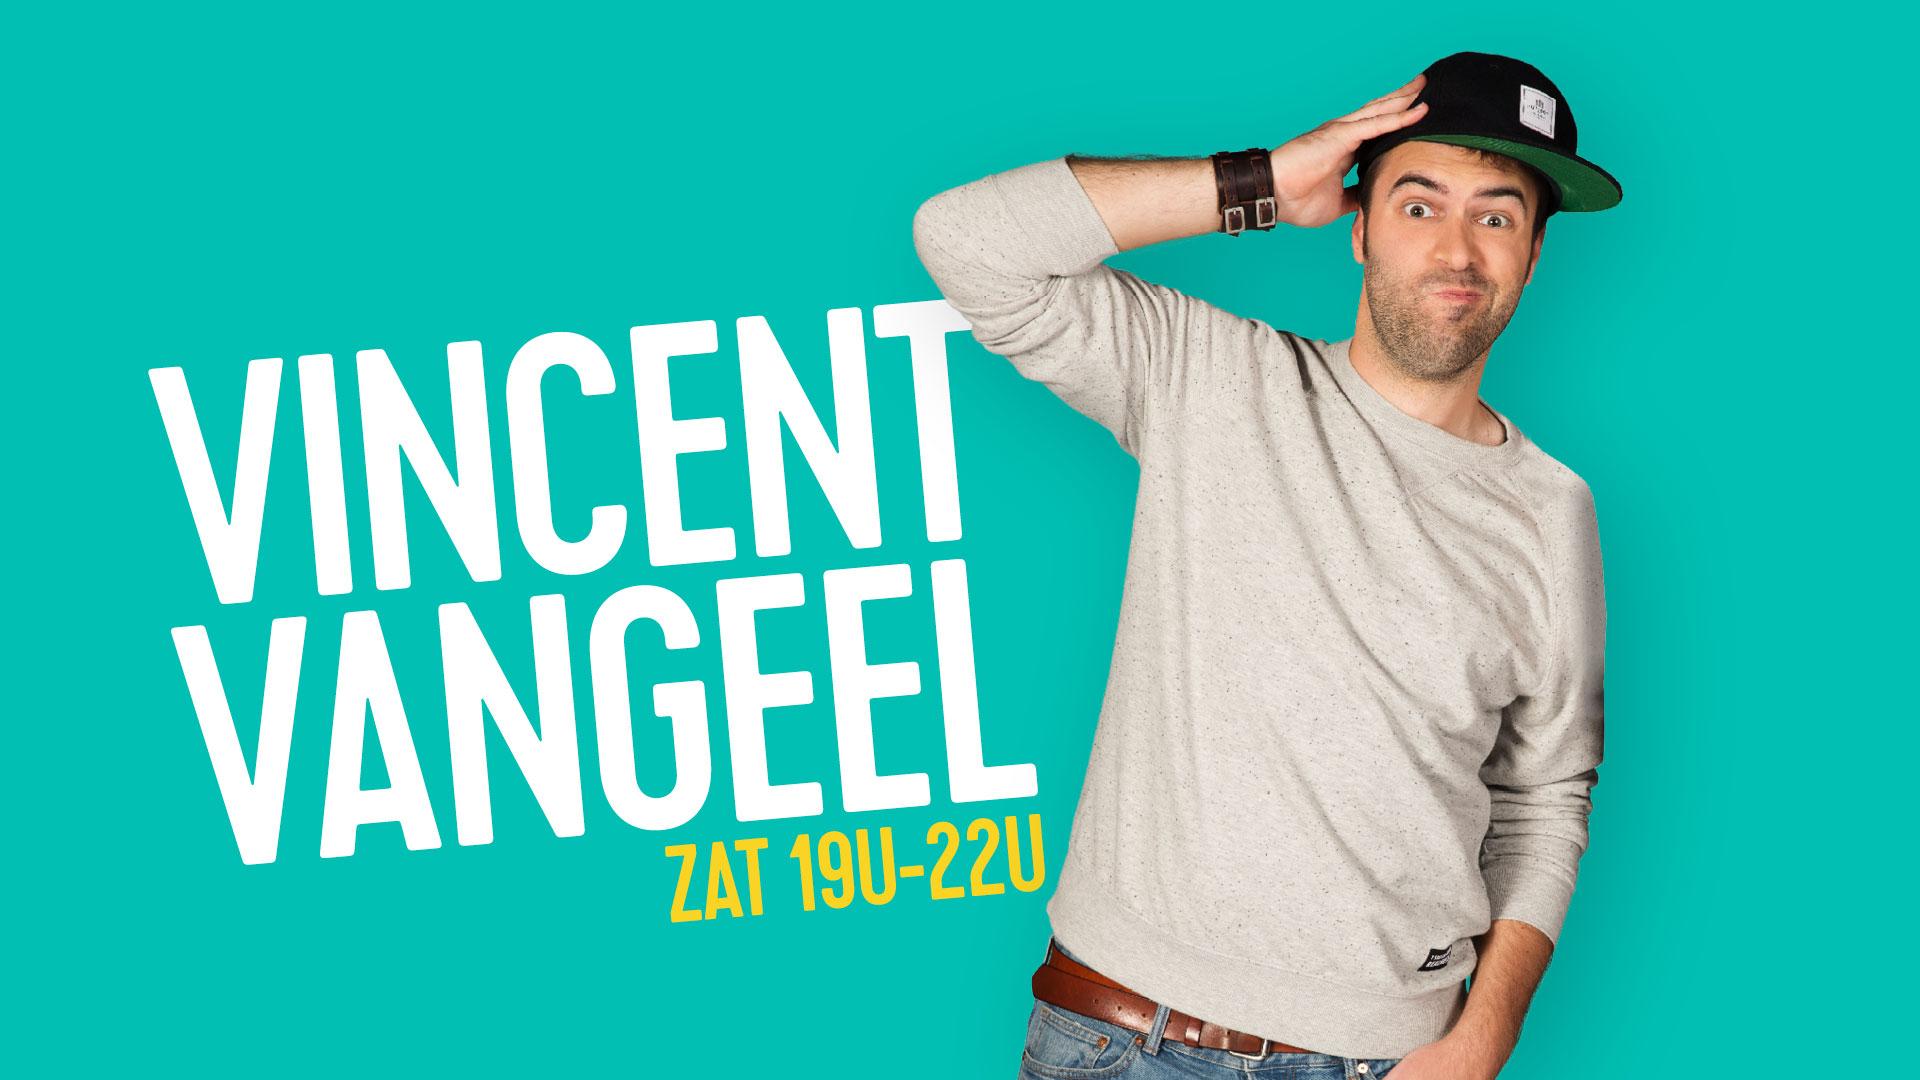 Vincent vangeel just